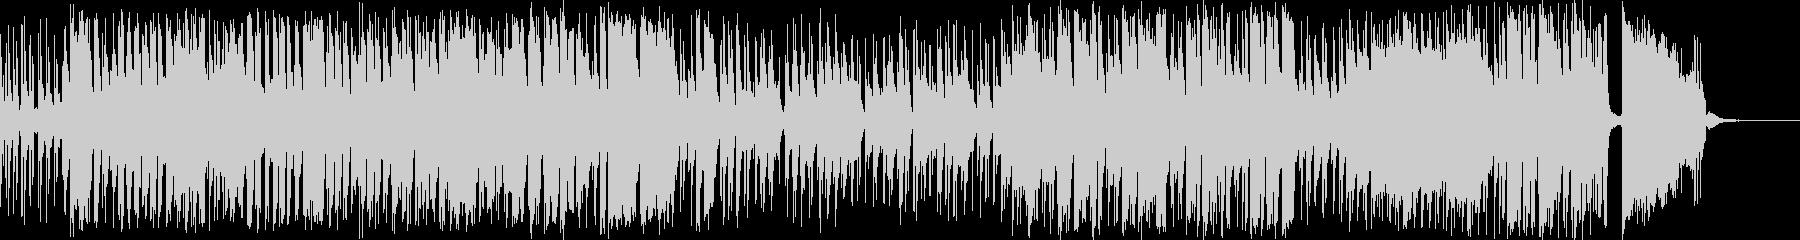 Big Bandの中でのPianoの未再生の波形